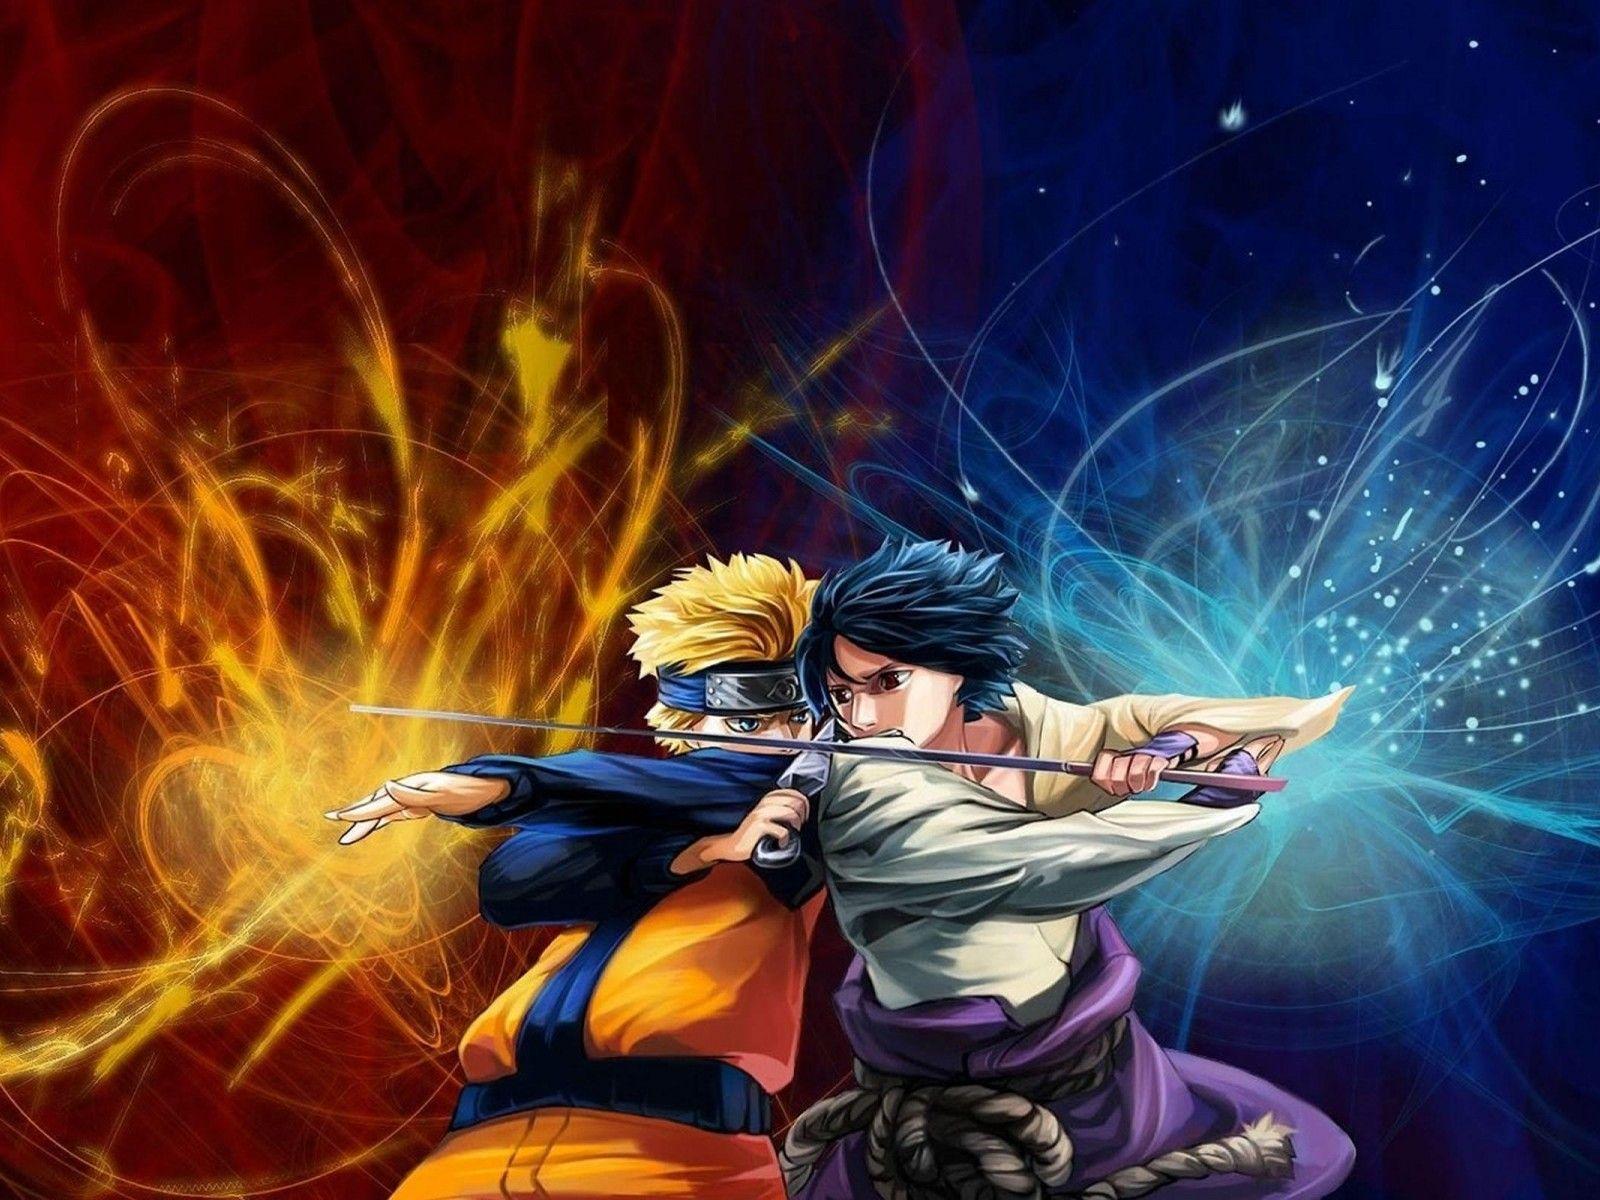 Tuyển tập những hình ảnh phim hoạt hình Naruto 3D đẹp nhất